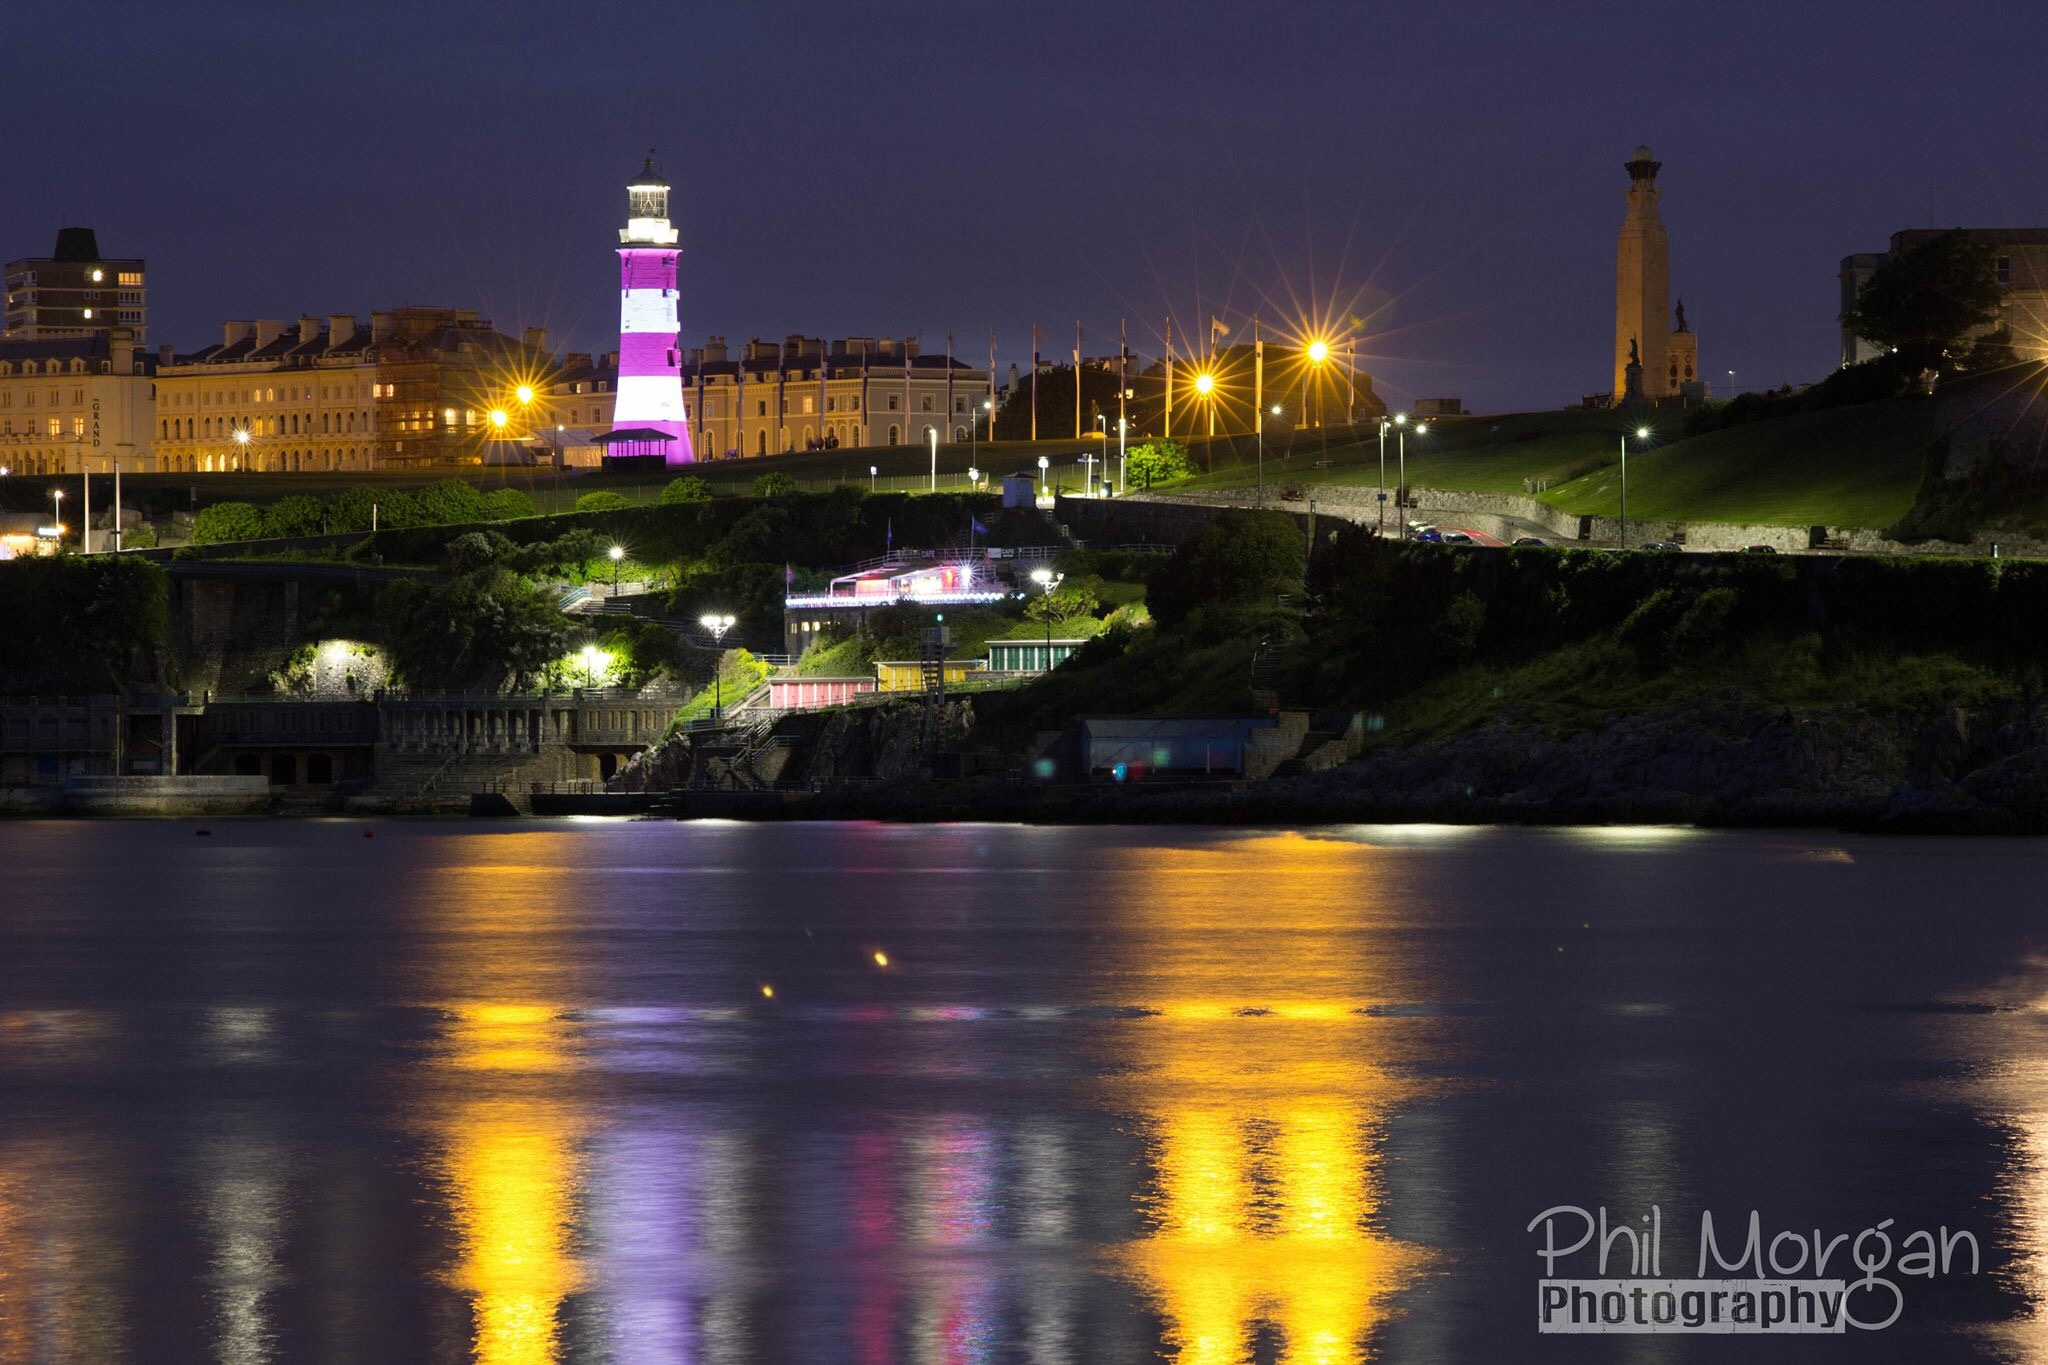 Plymouth at night by Phil Morgan